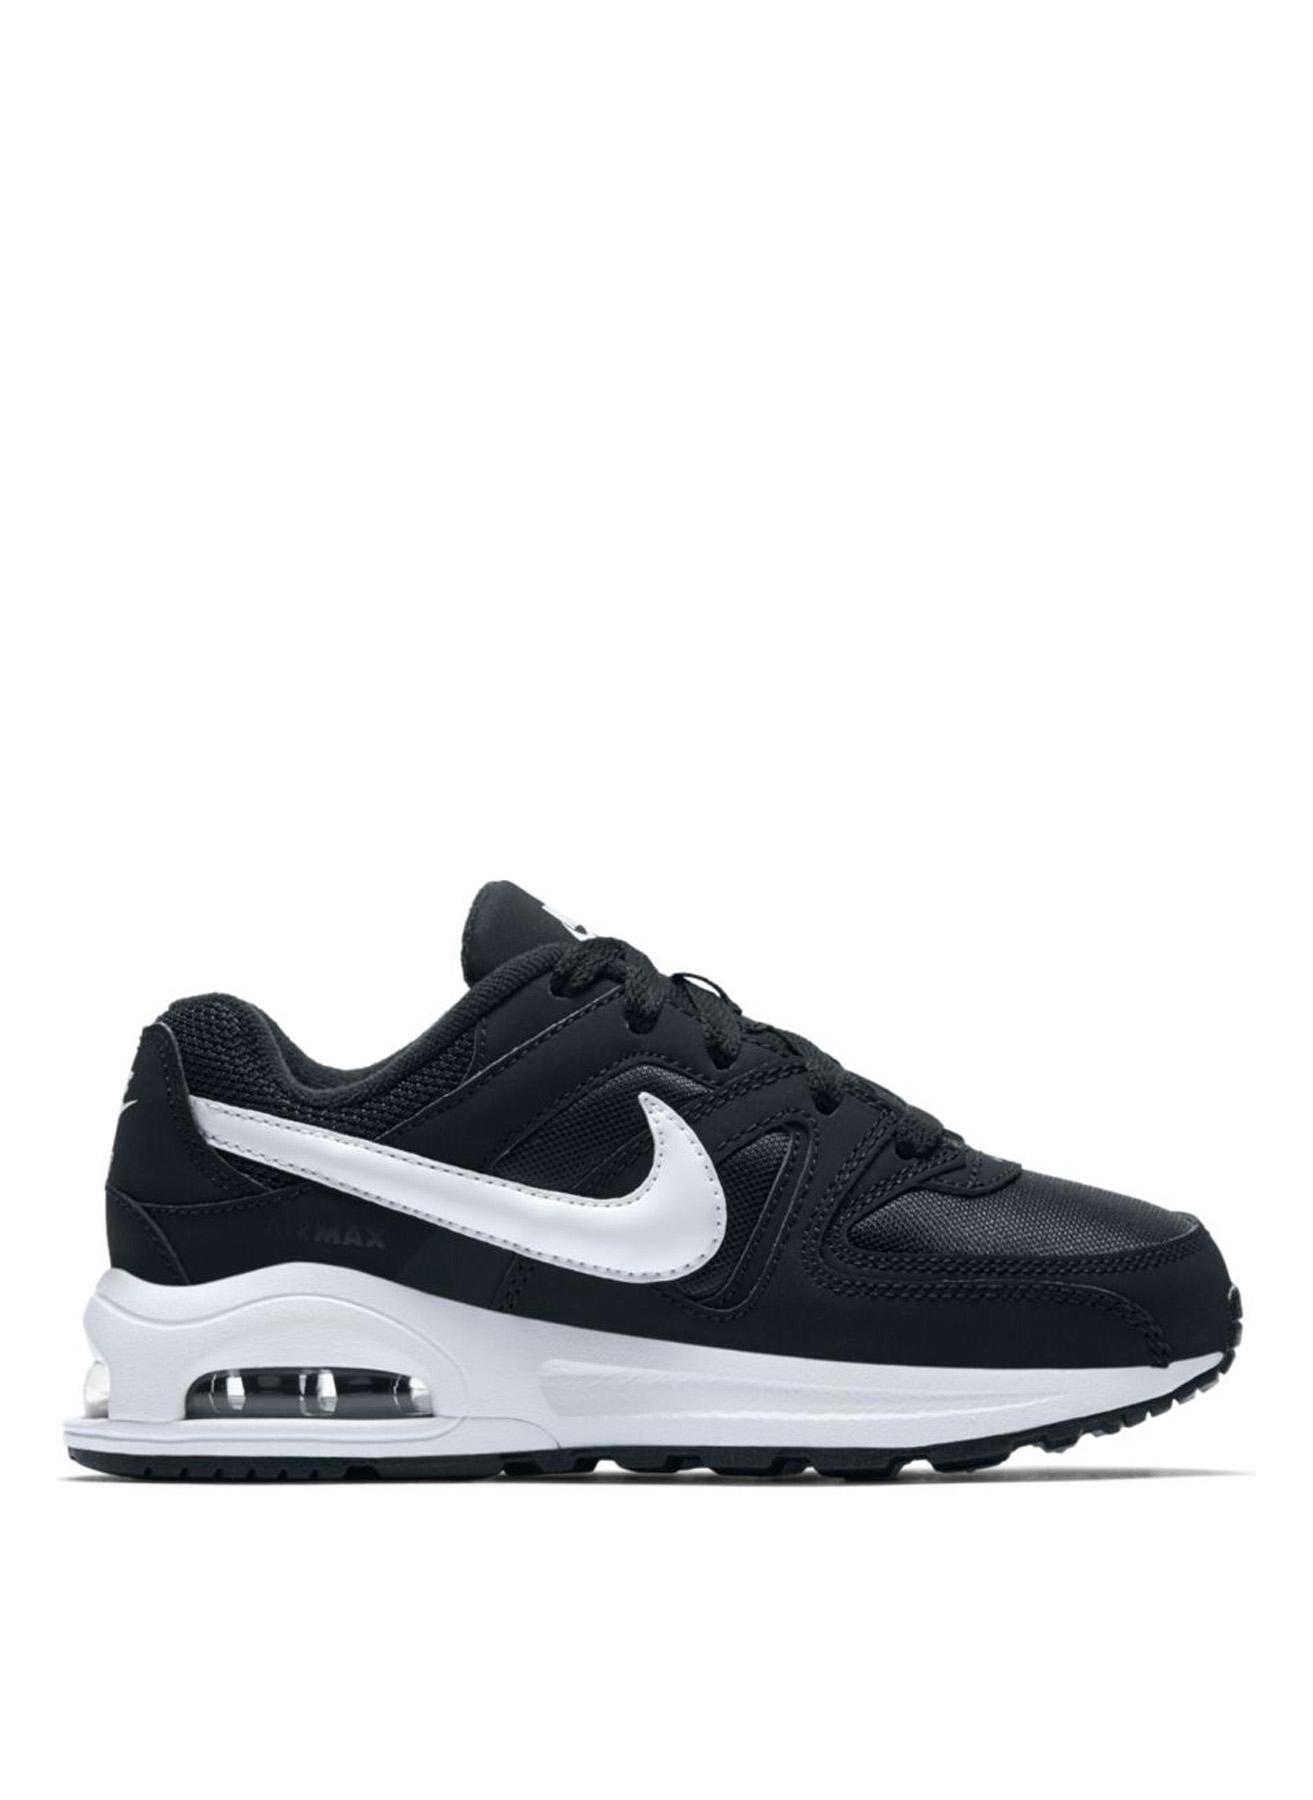 Nike Çocuk Yürüyüş Ayakkabısı 31 5000193615005 Ürün Resmi